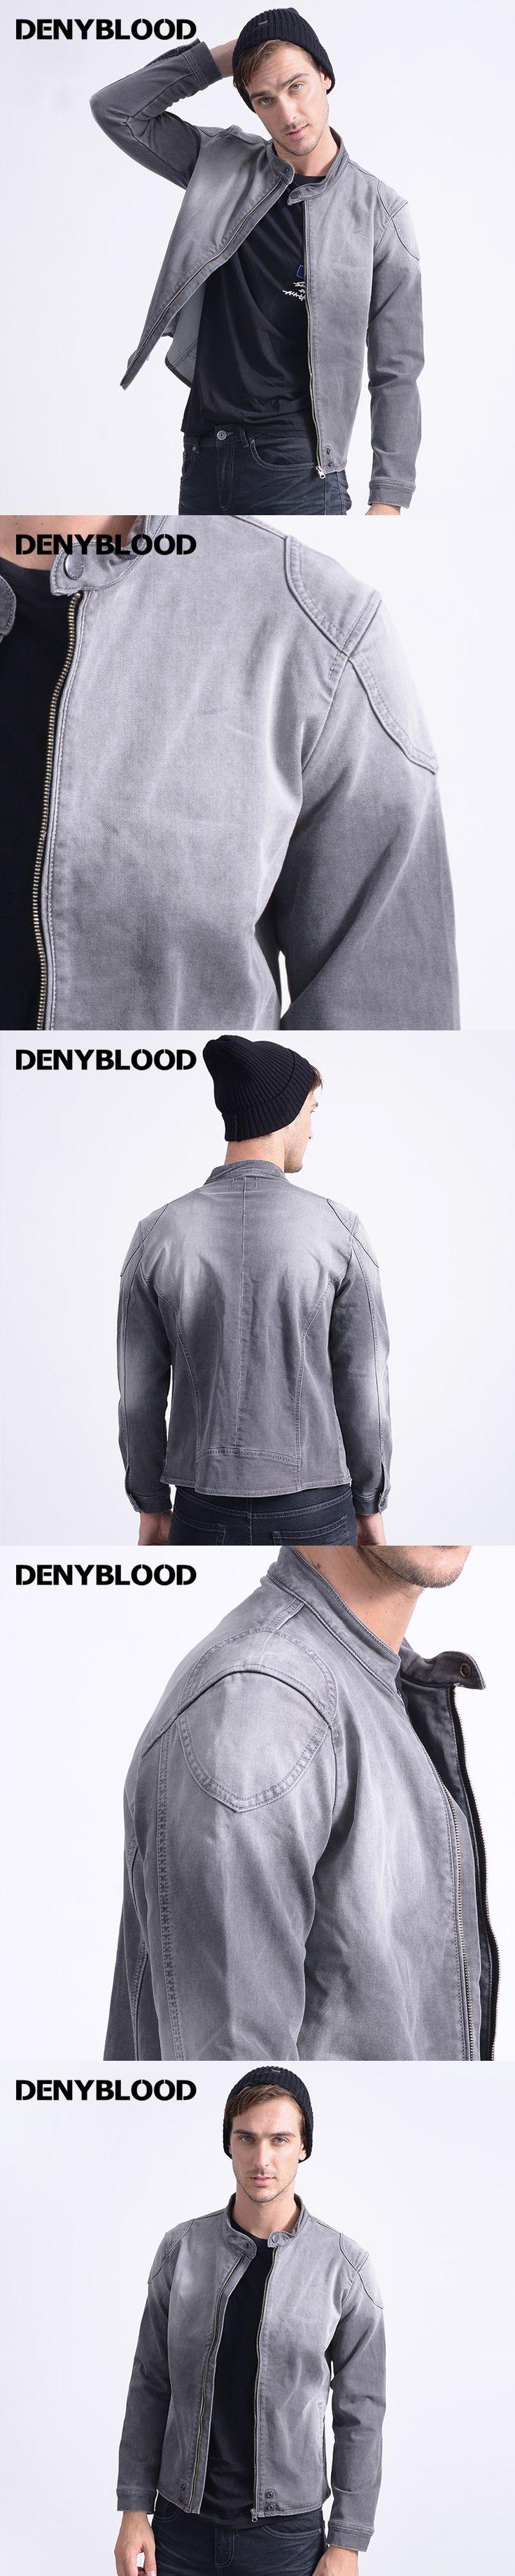 Denyblood Jeans Mens Knitte Denim Jackets Bleached Darked Wash Grey Jeans Jacket 2017 New Design Men Jackets Coat Europeans 1080